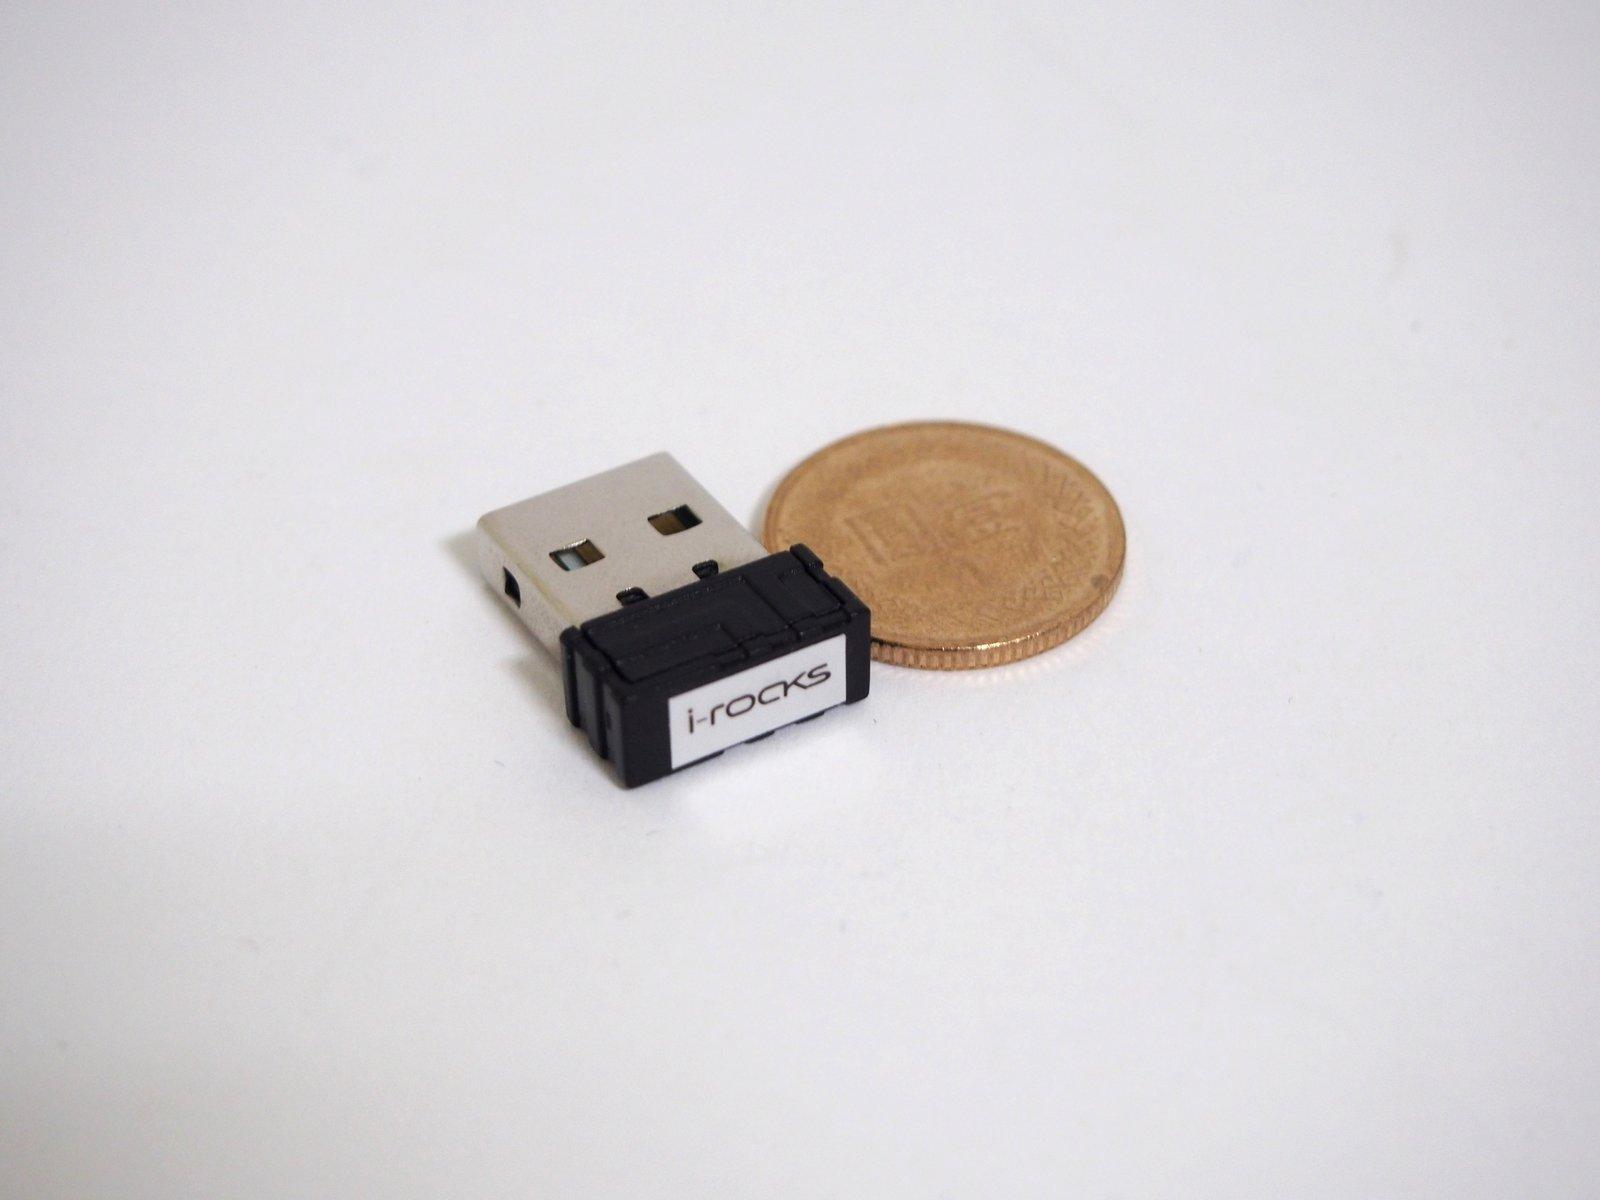 [XF] 雪白經典復刻再現 i-rocks 艾芮克 RF6170S Retro 無線鍵鼠